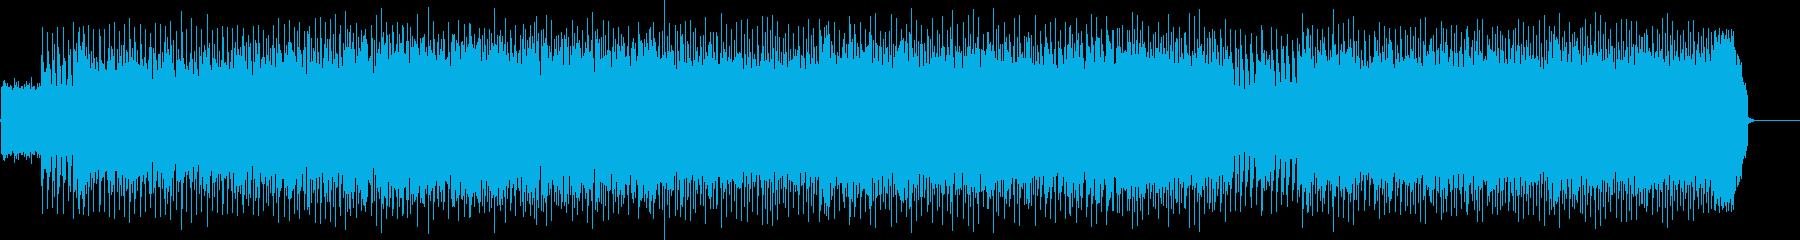 胸高鳴るアメリカンハード・ロックの再生済みの波形